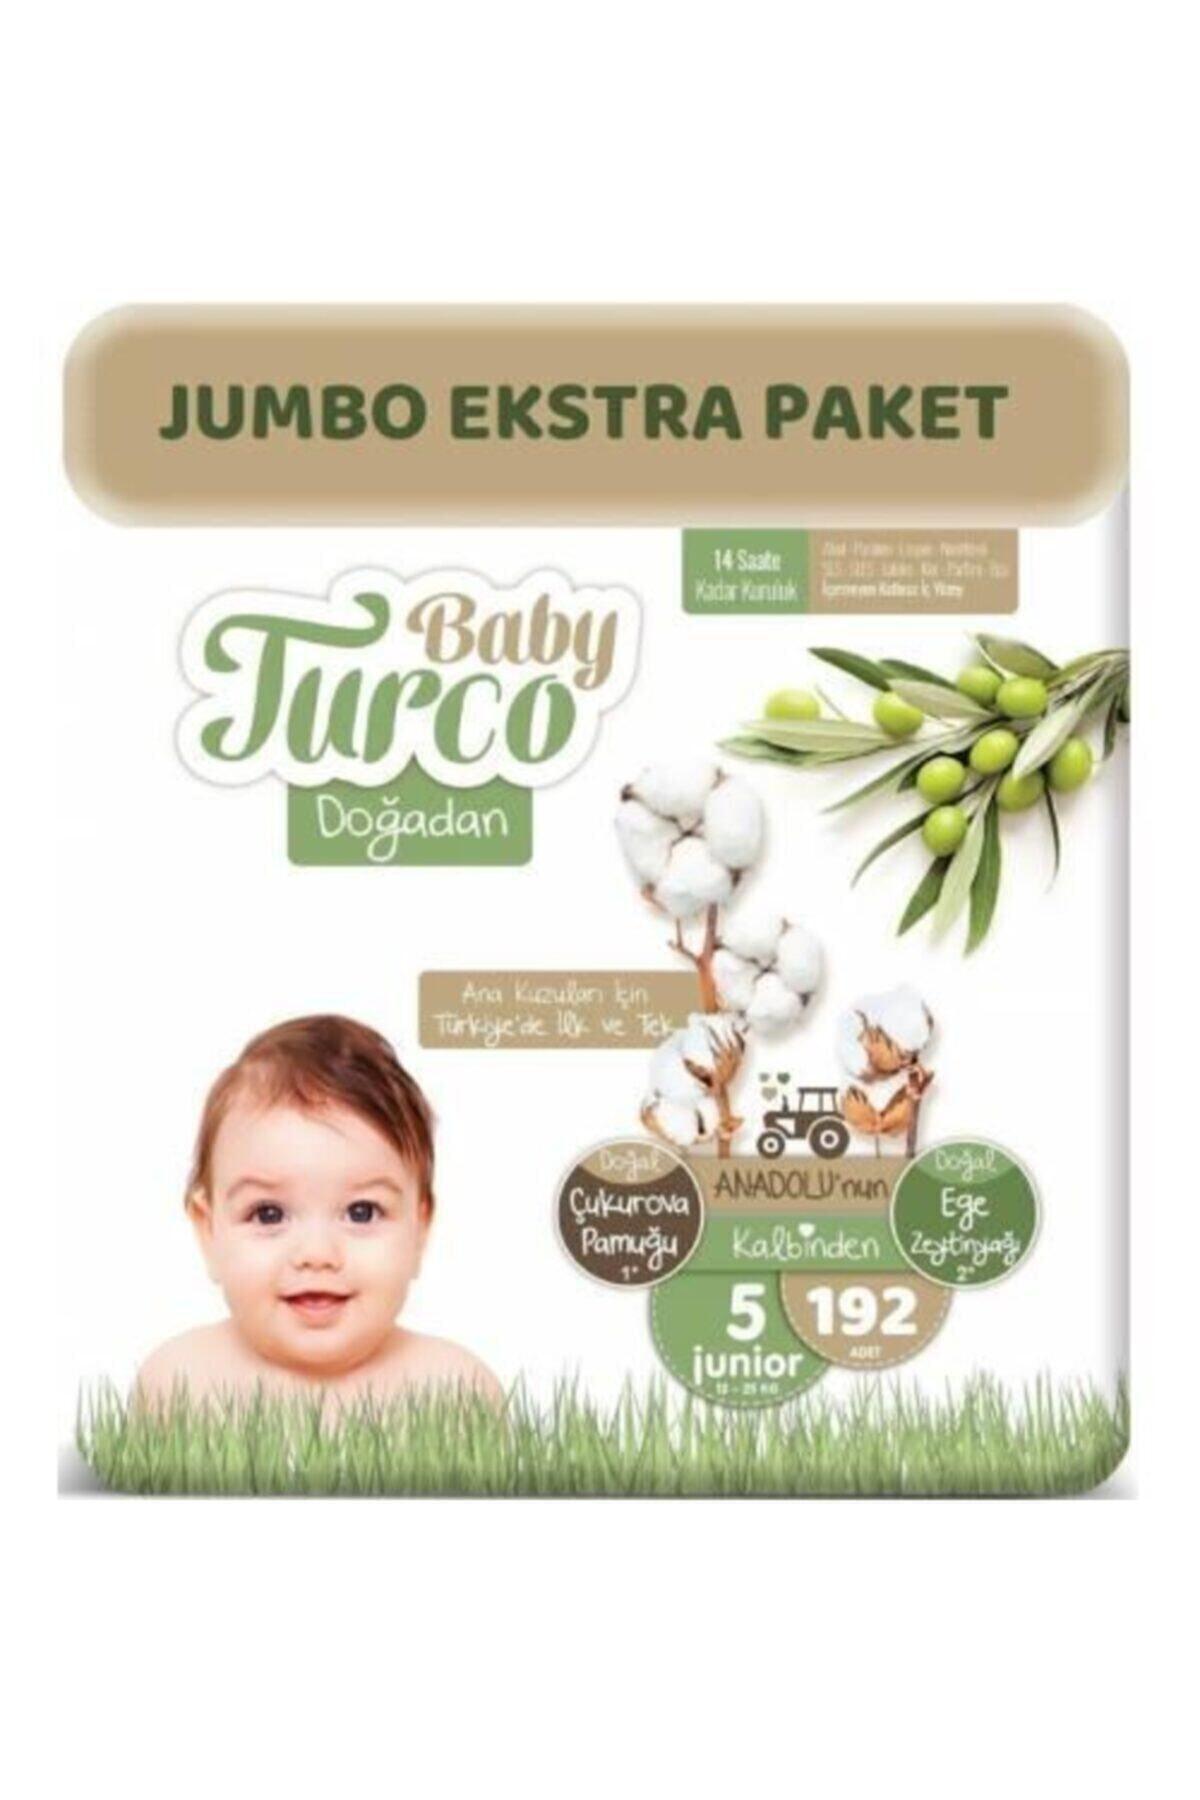 Baby Turco Doğadan Bebek Bezi 5 Beden 192 Adet 12 - 25 kg + 10 ml Pişik Kremi 1